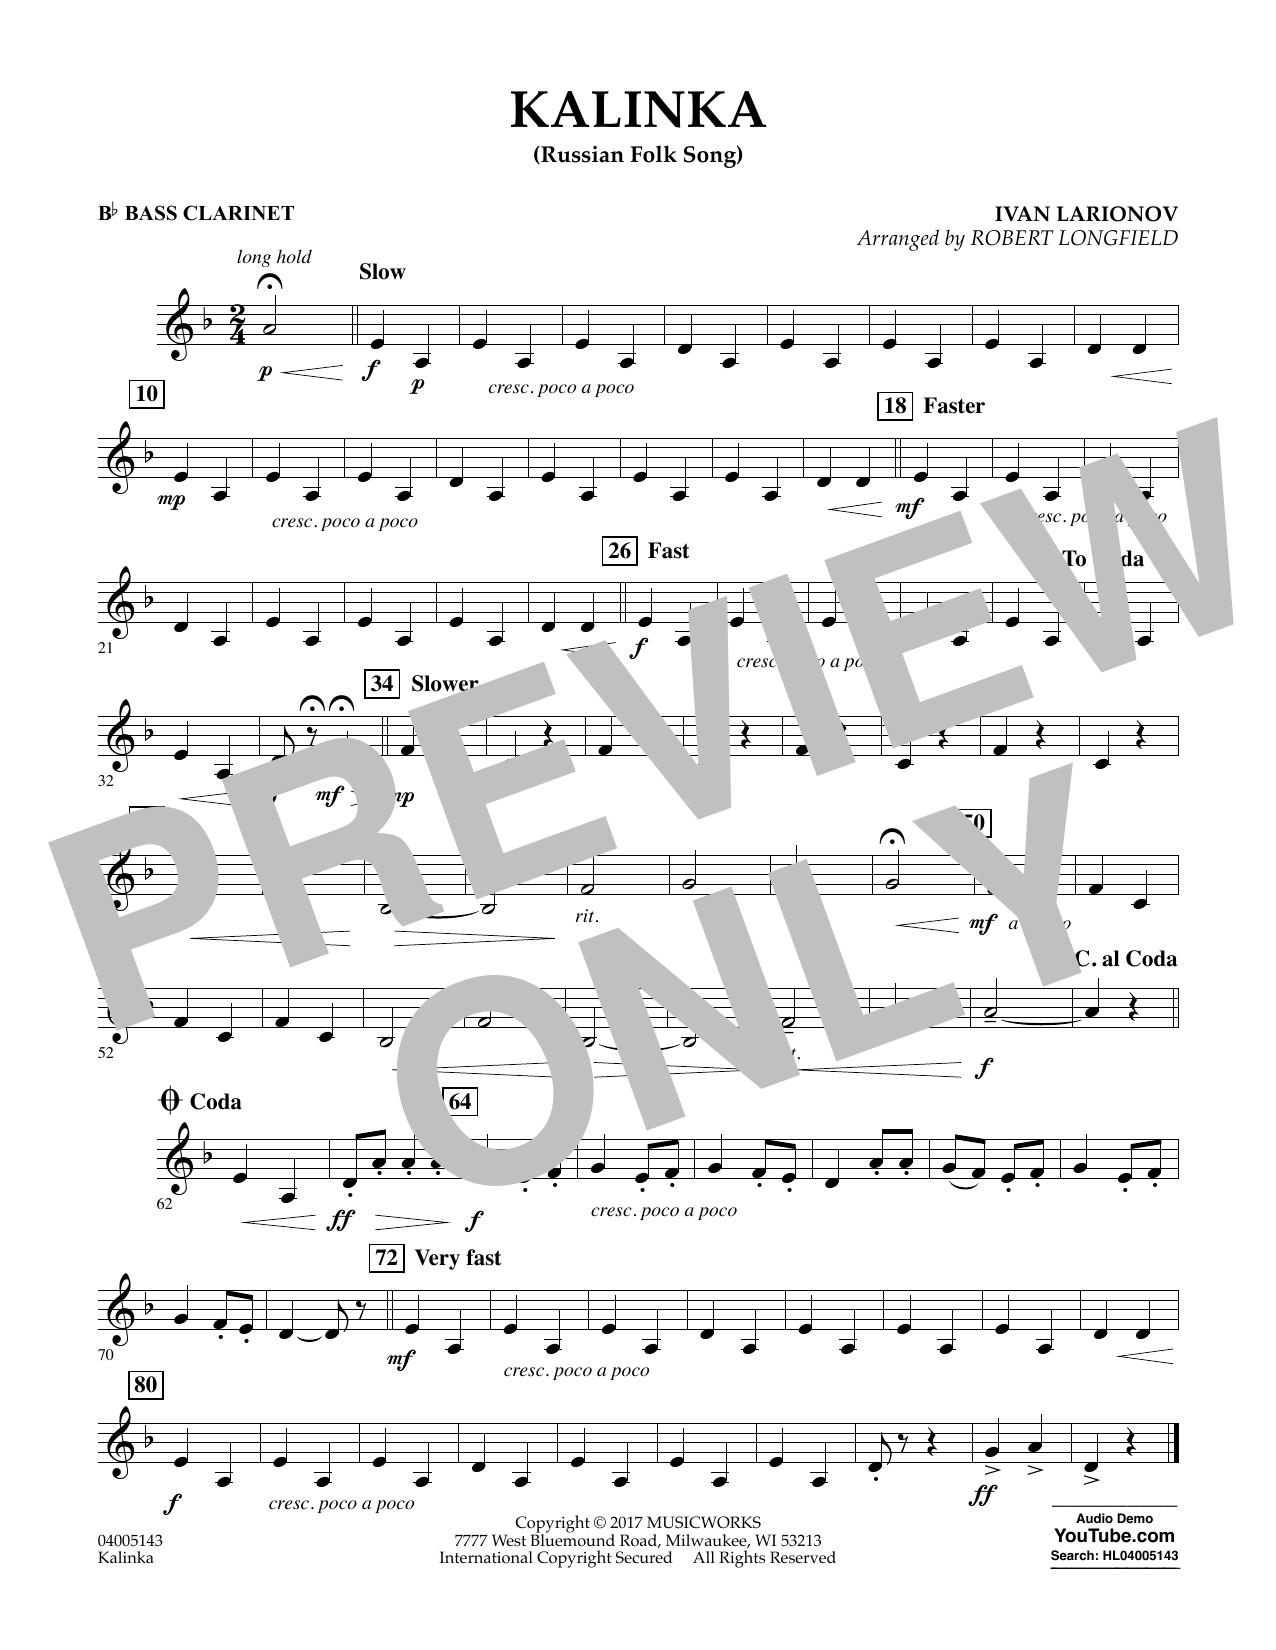 Robert Longfield Kalinka (Russian Folk Song) - Bb Bass Clarinet sheet music notes and chords. Download Printable PDF.